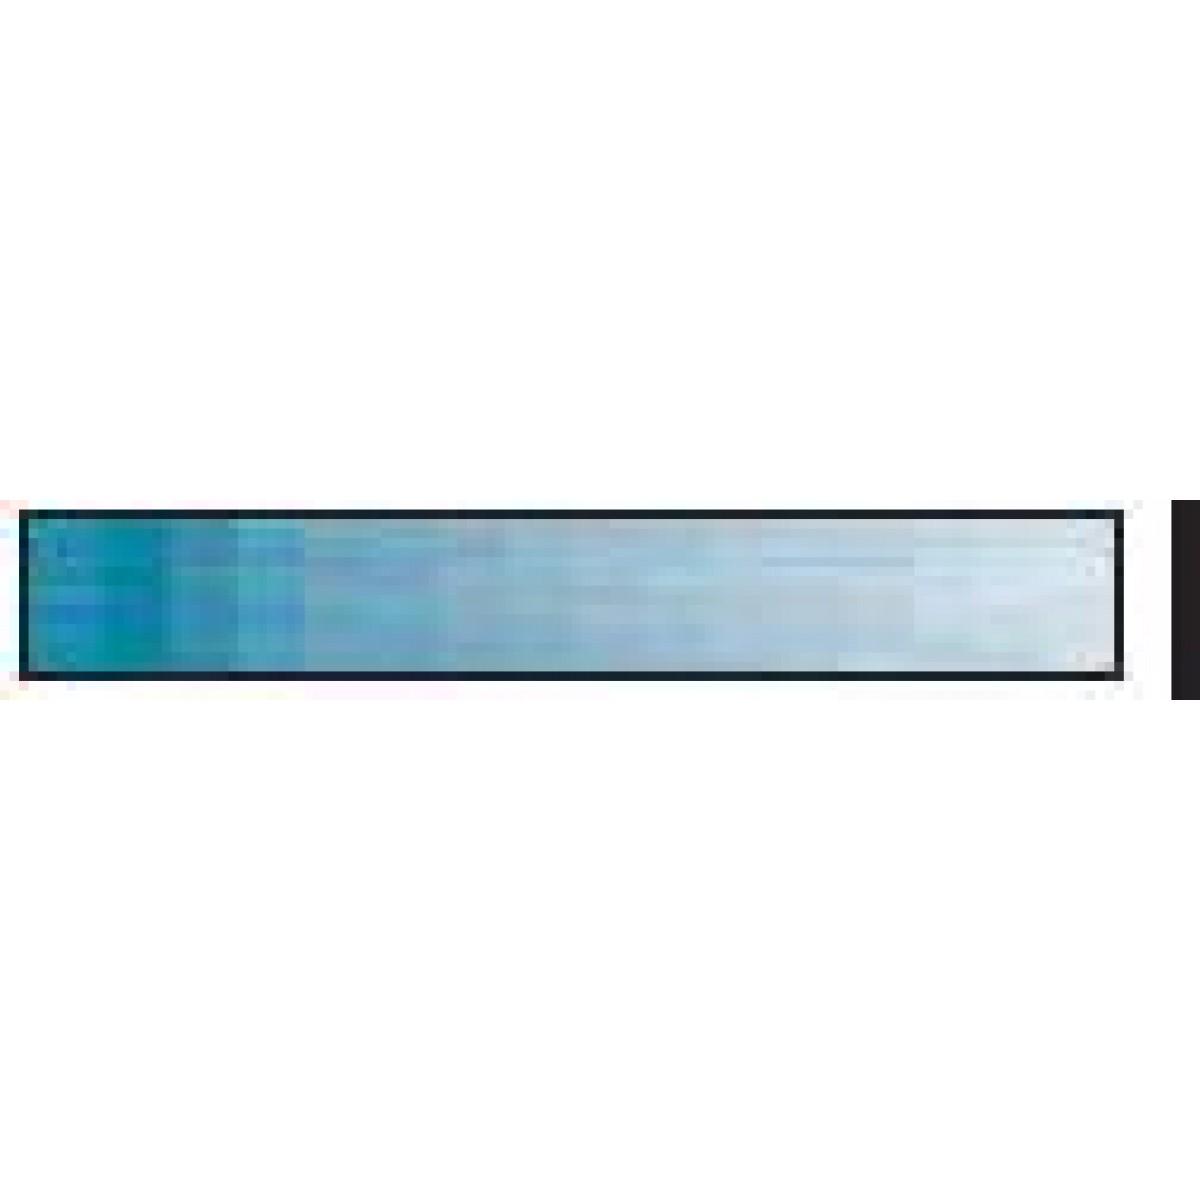 8577 Kunstnerkvalitet soft pastel Cobalt turquois